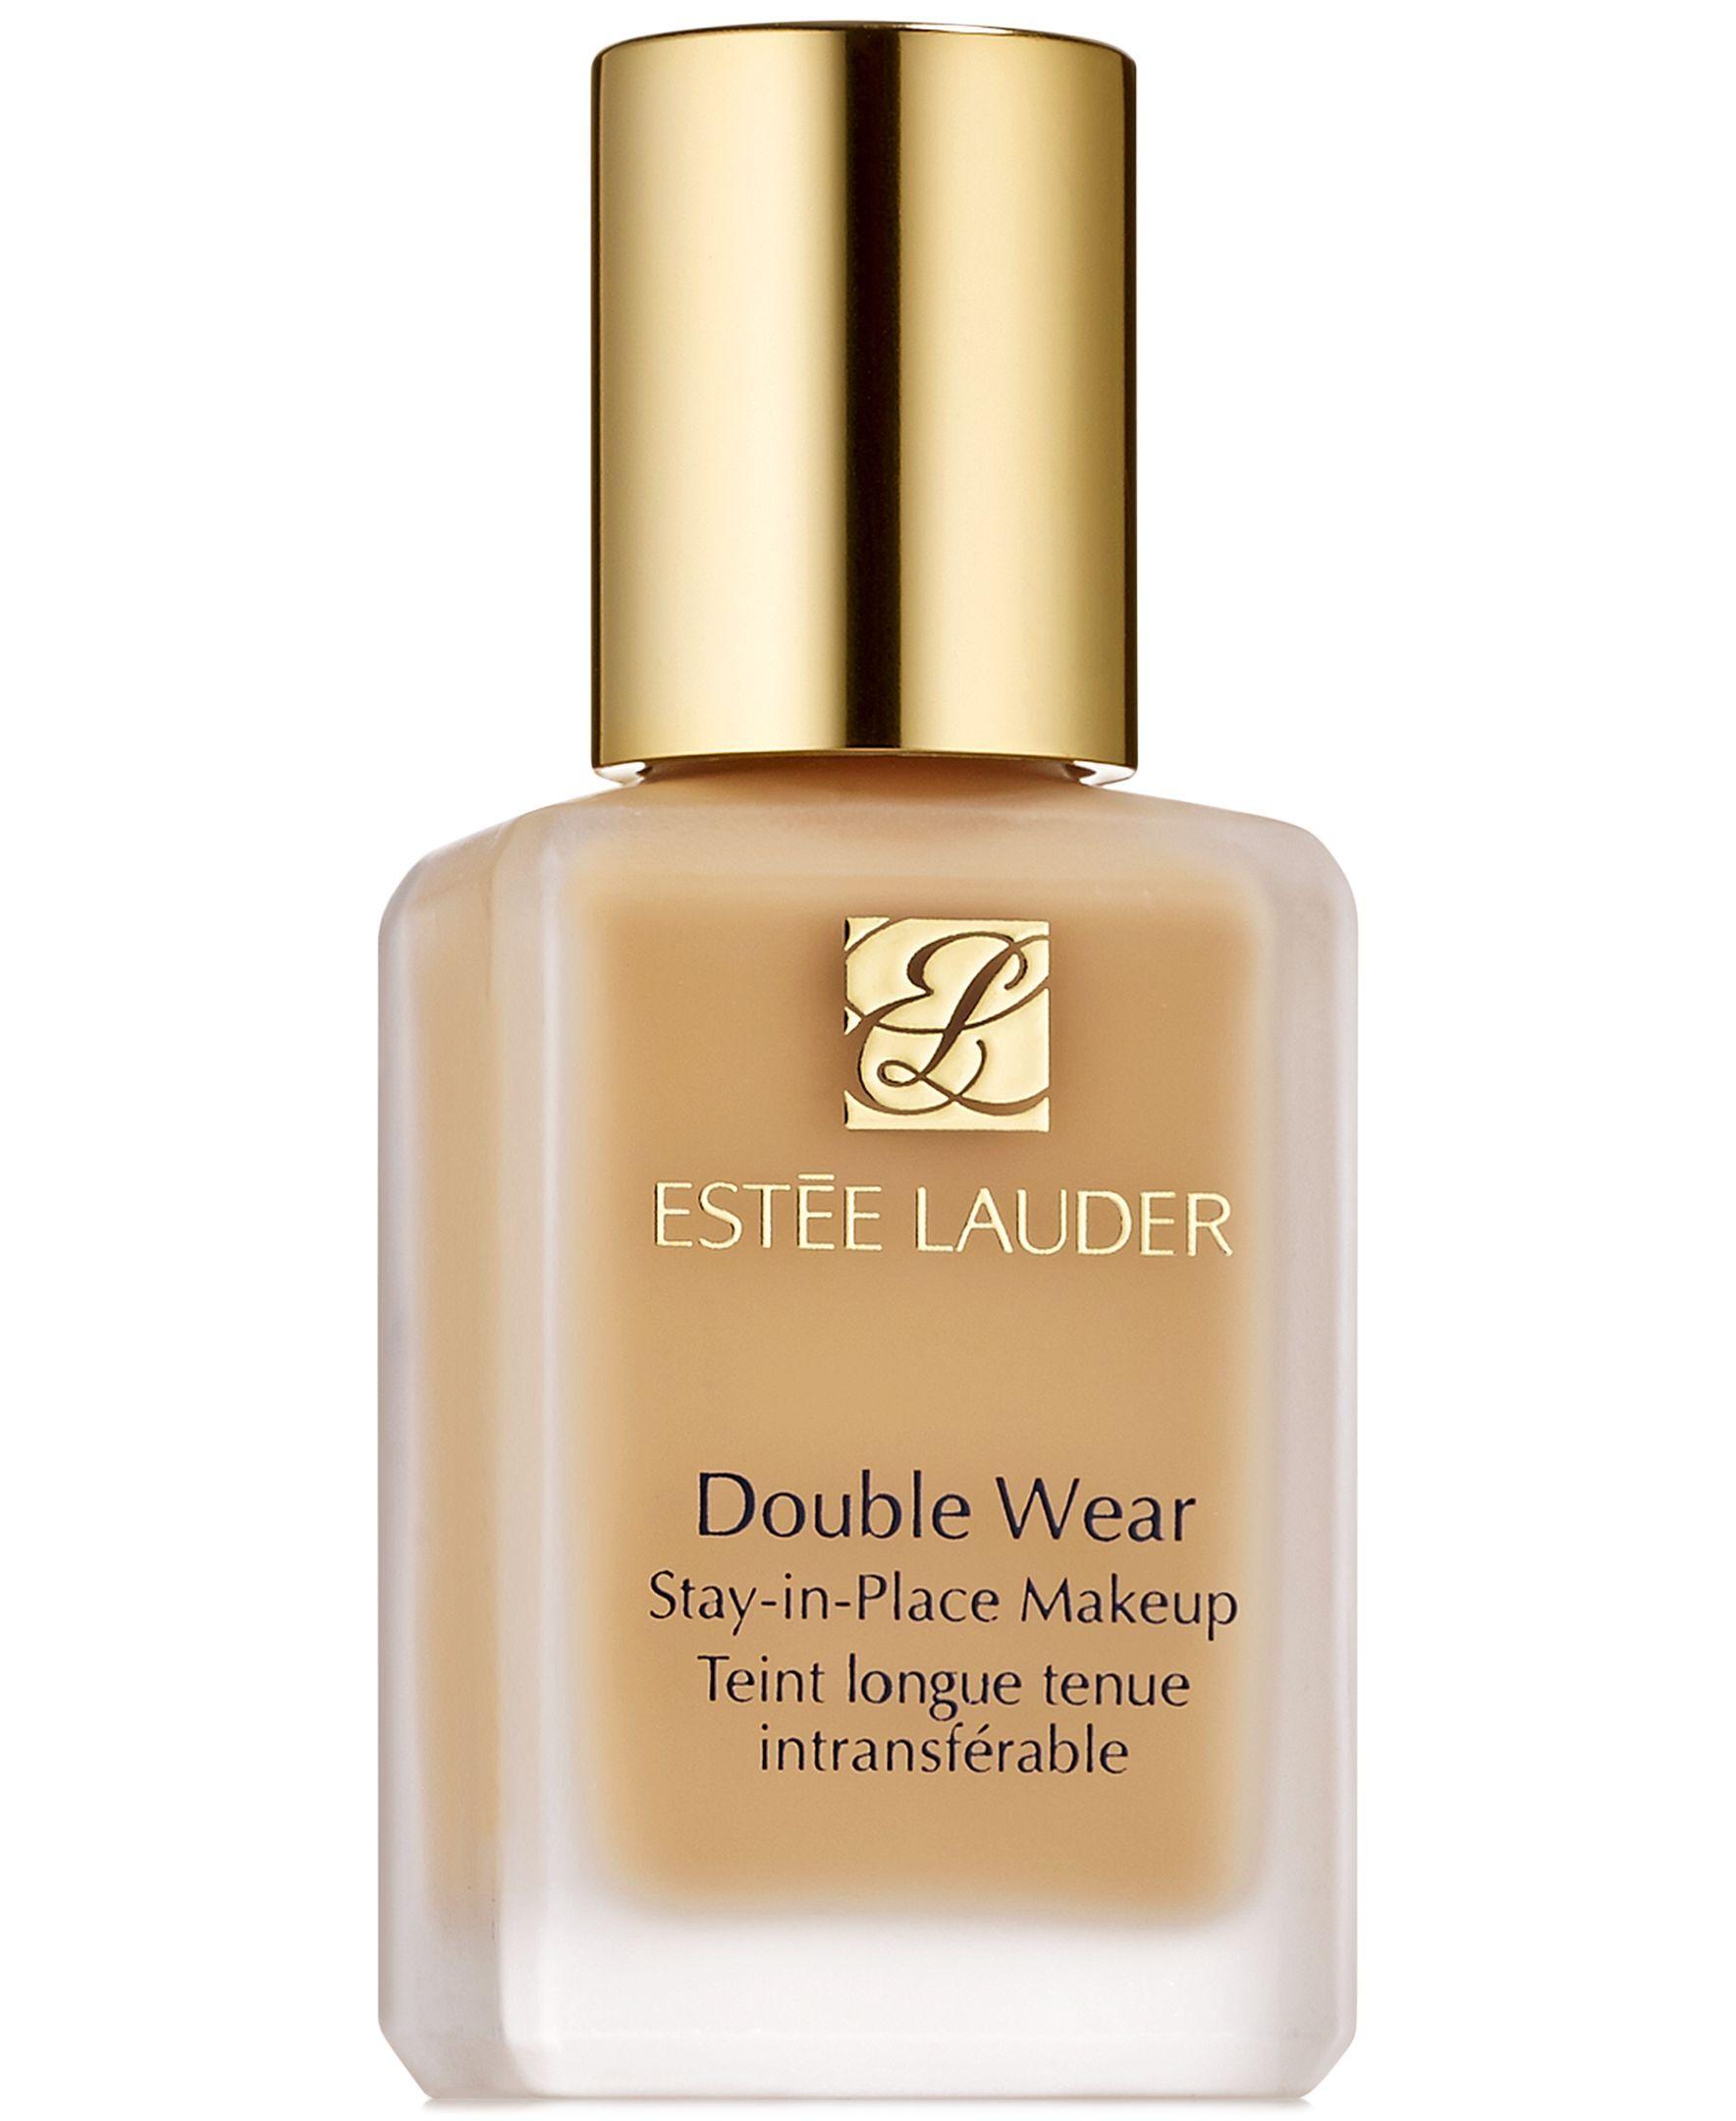 Double Wear StayinPlace Makeup, 1.0 oz Estee lauder